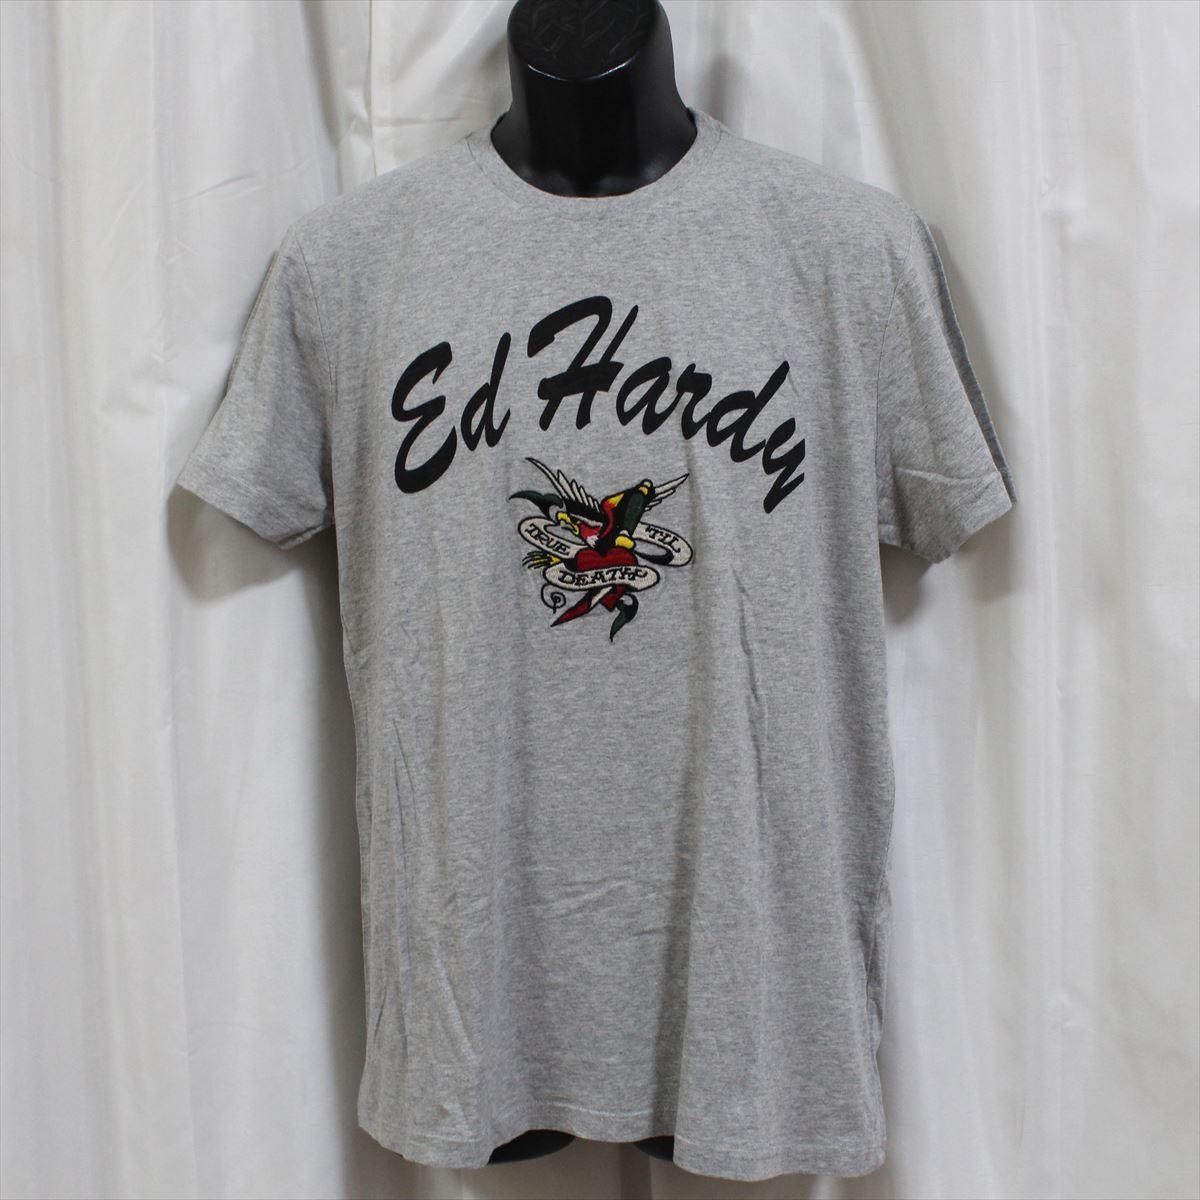 エドハーディー ED HARDY メンズ半袖Tシャツ グレー Sサイズ FG276 新品_画像1